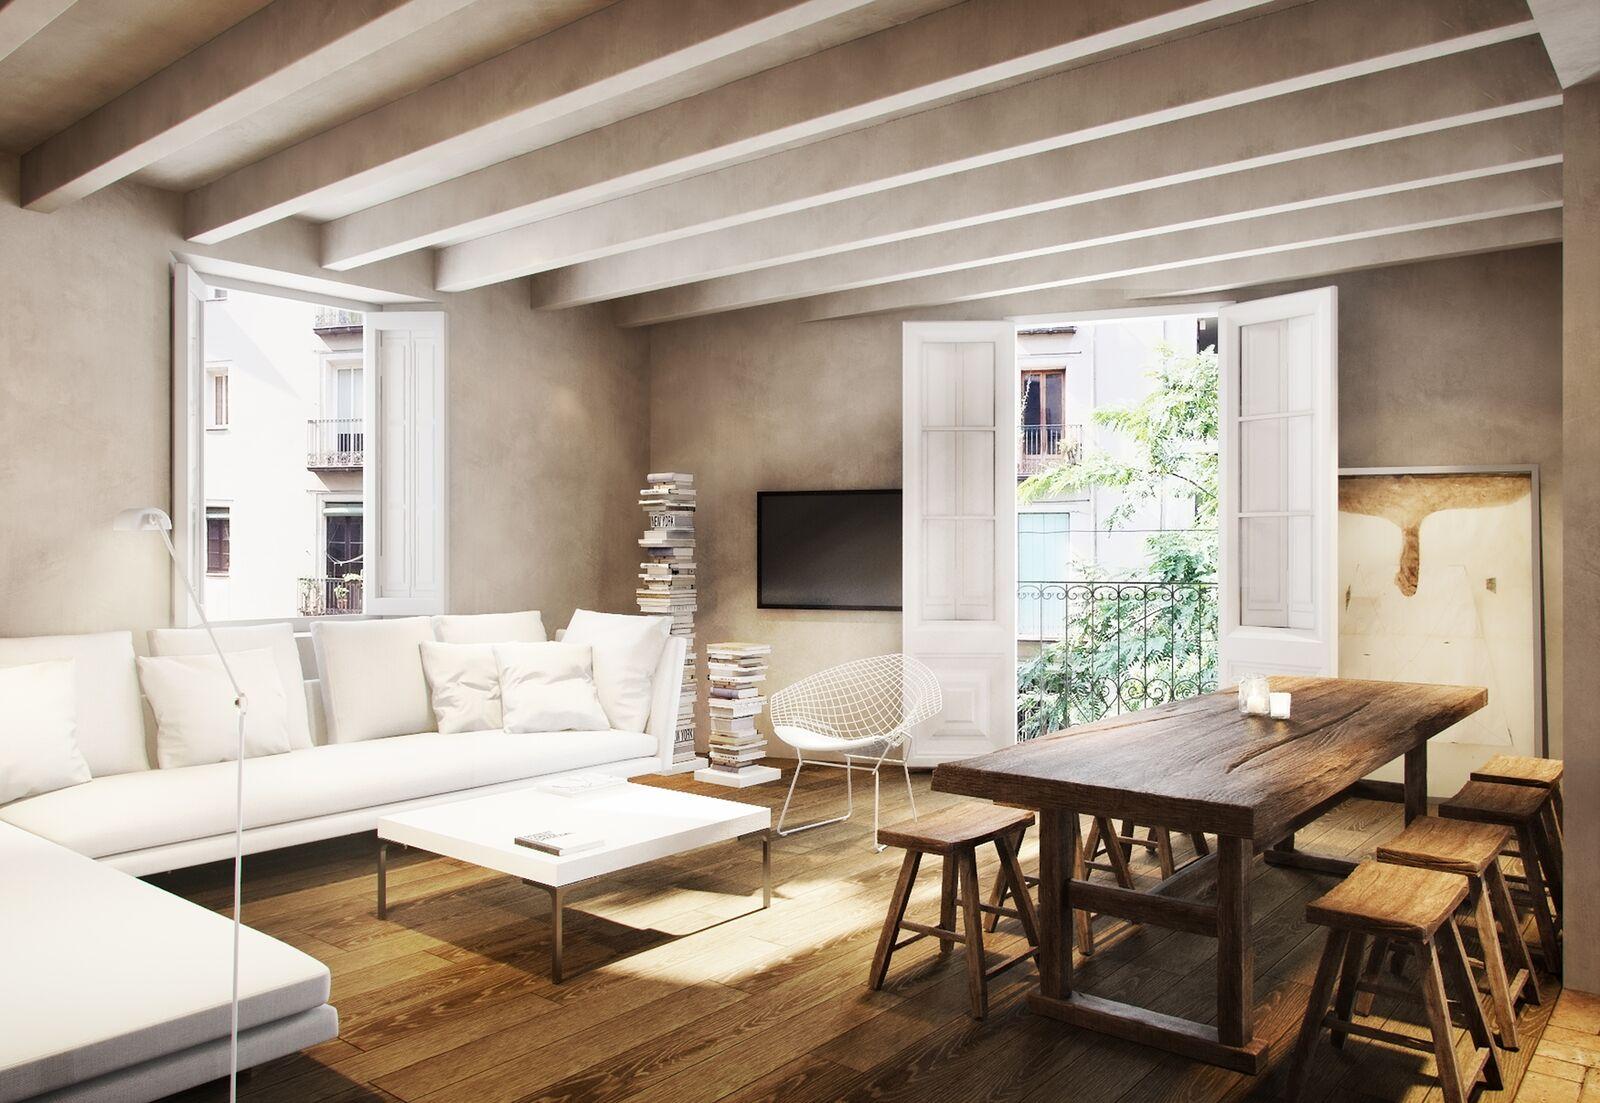 Hogar diez las ventajas de comprar una vivienda de for Viviendas segunda mano